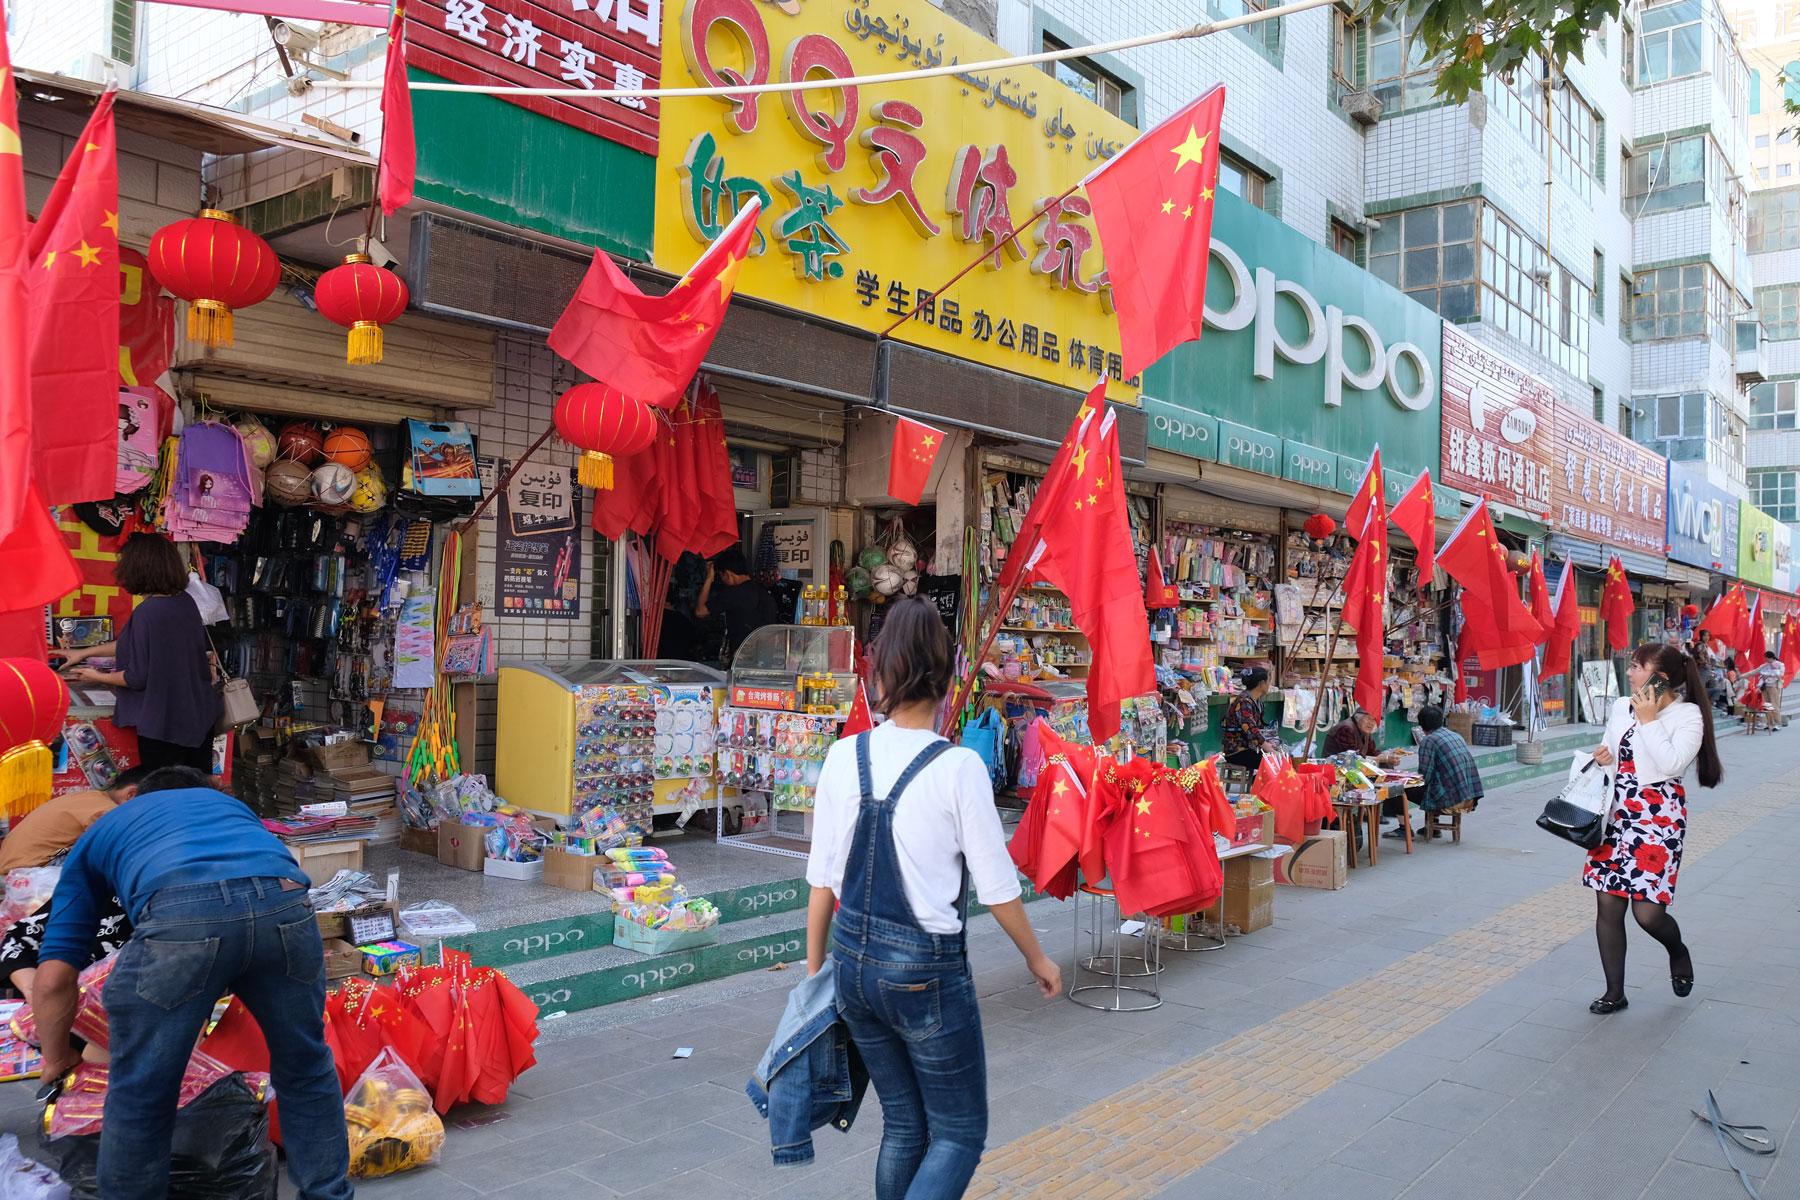 Chinesische Geschäftszeile